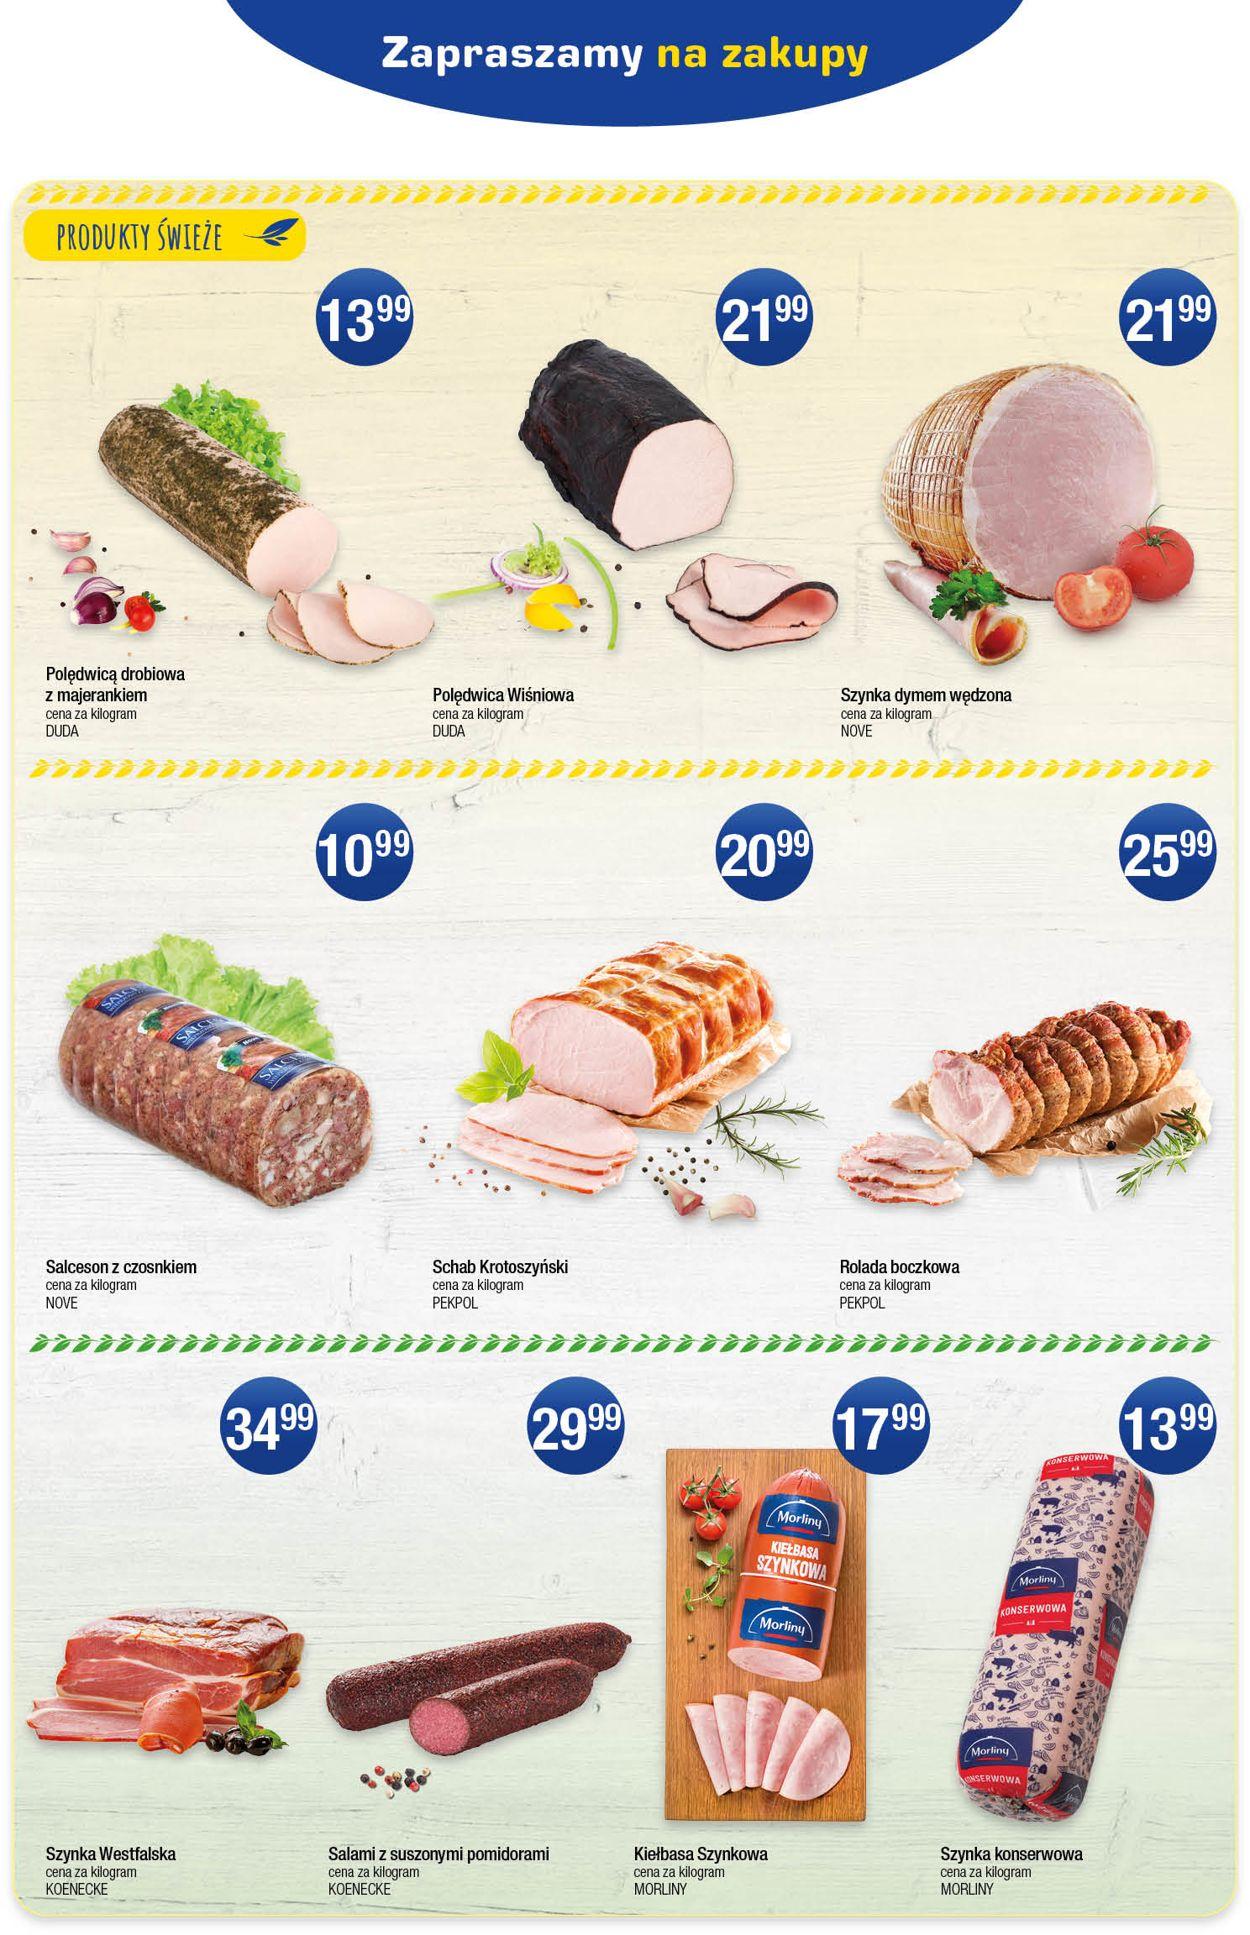 Gazetka promocyjna Euro Sklep - 08.04-20.04.2021 (Strona 3)